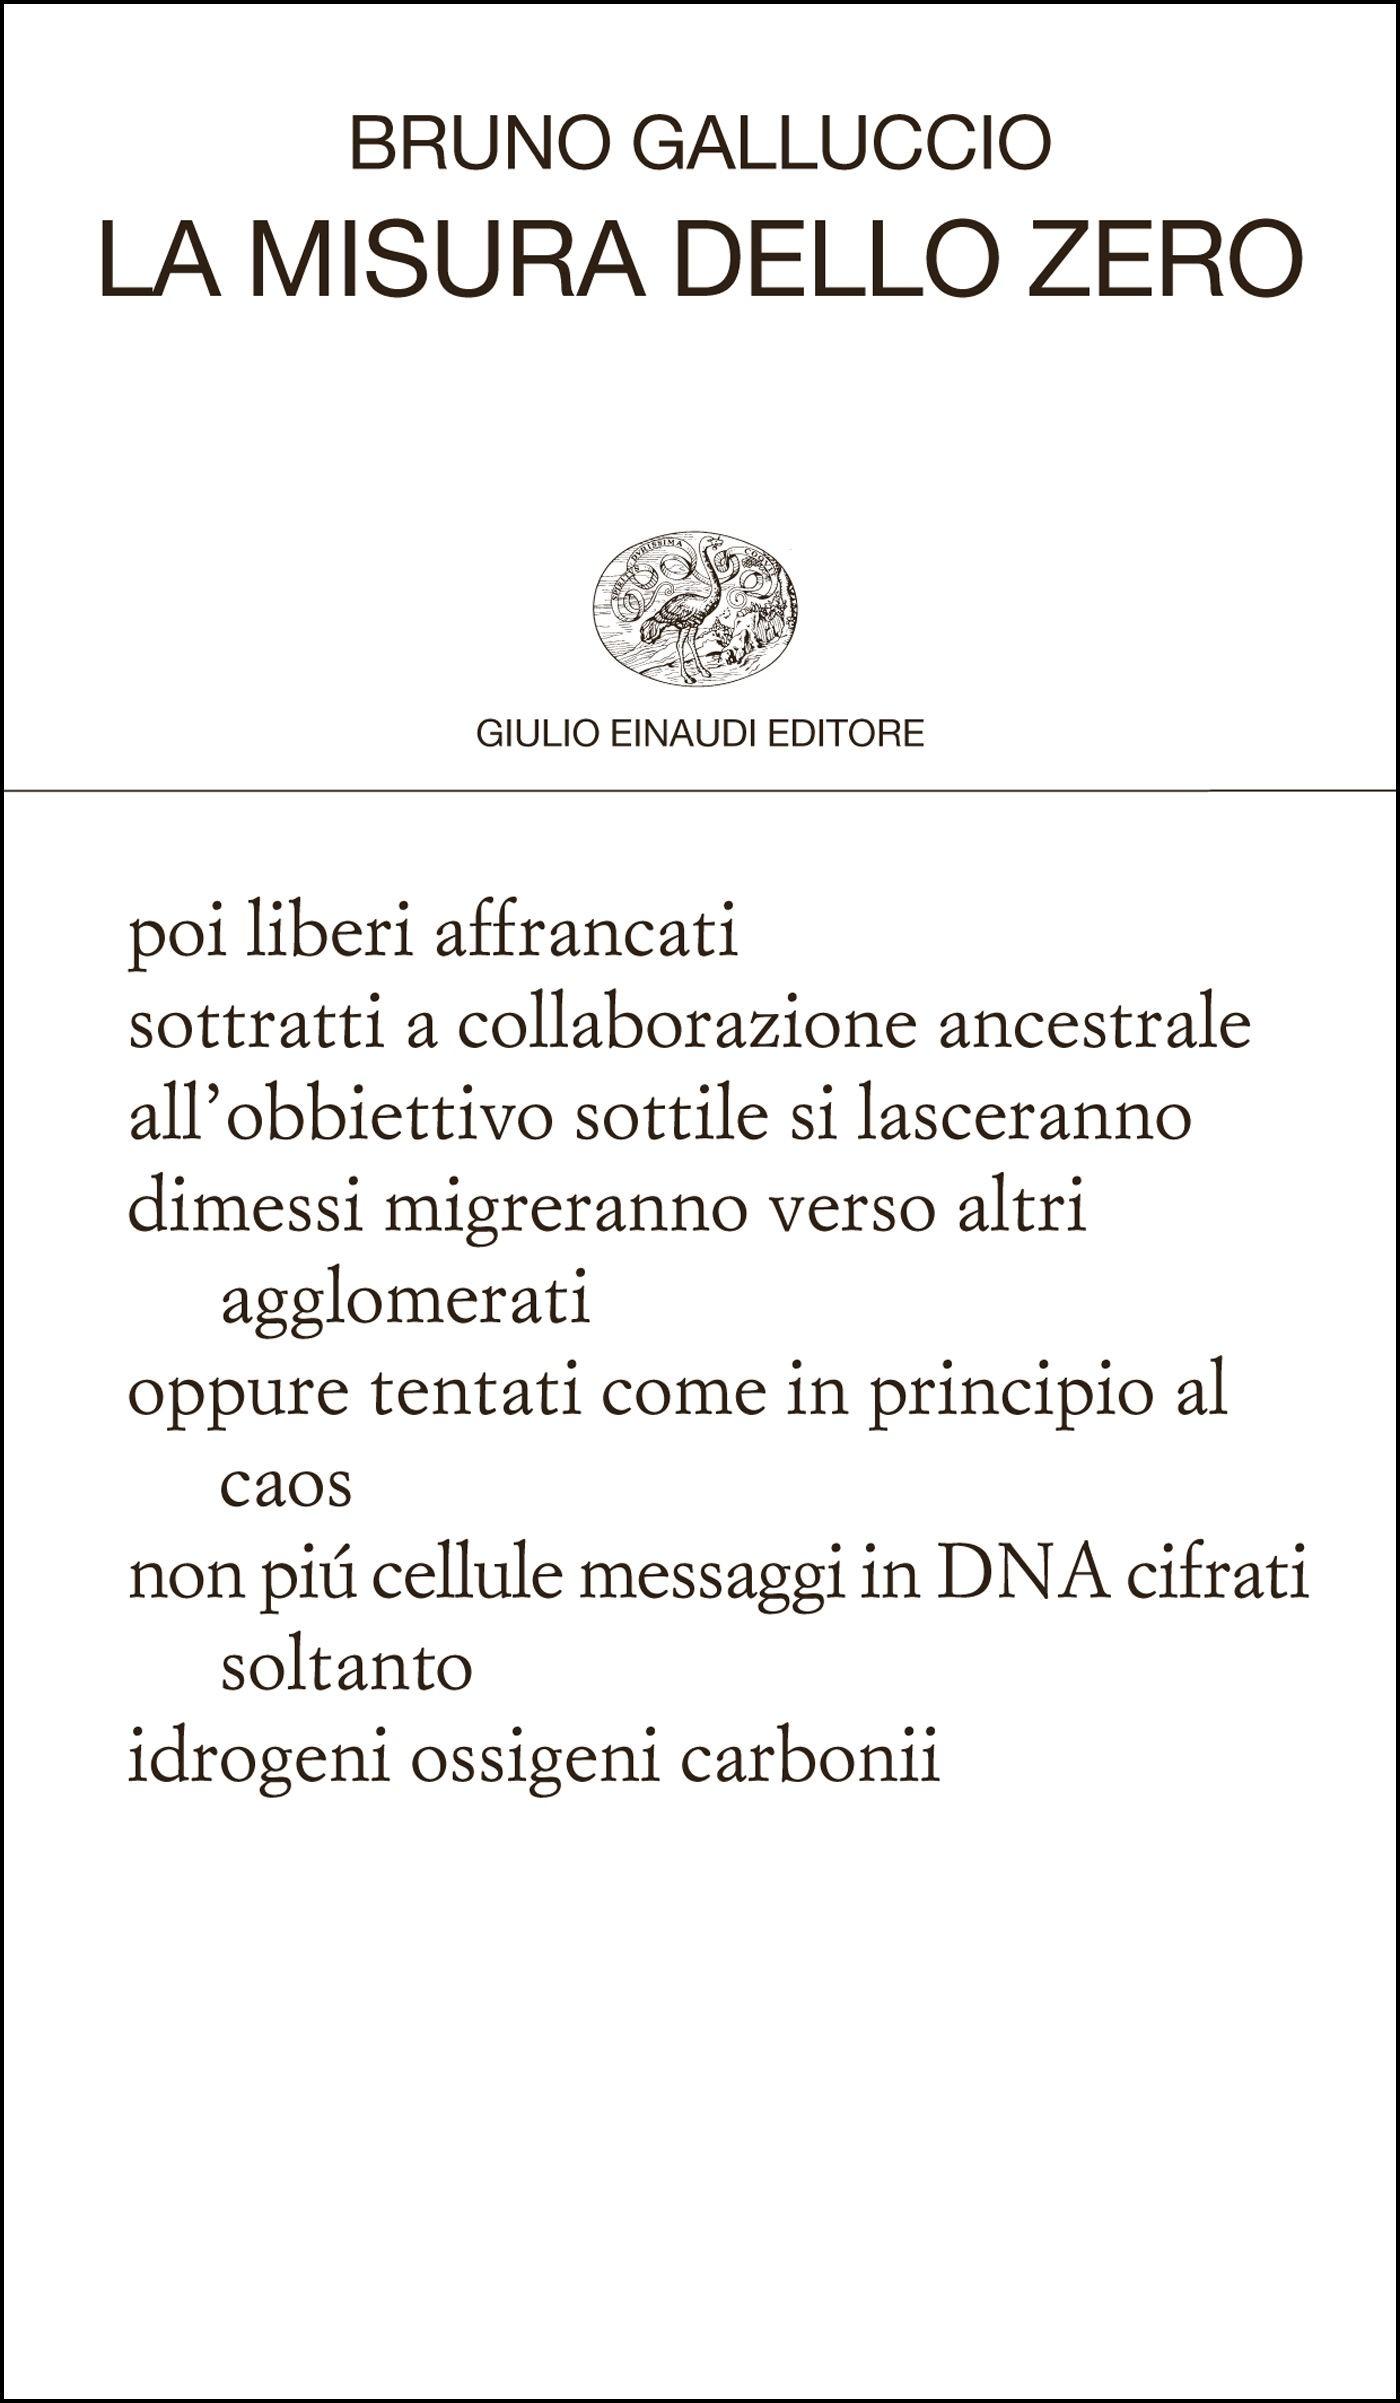 Verticali e La misura dello zero - Bruno Galluccio